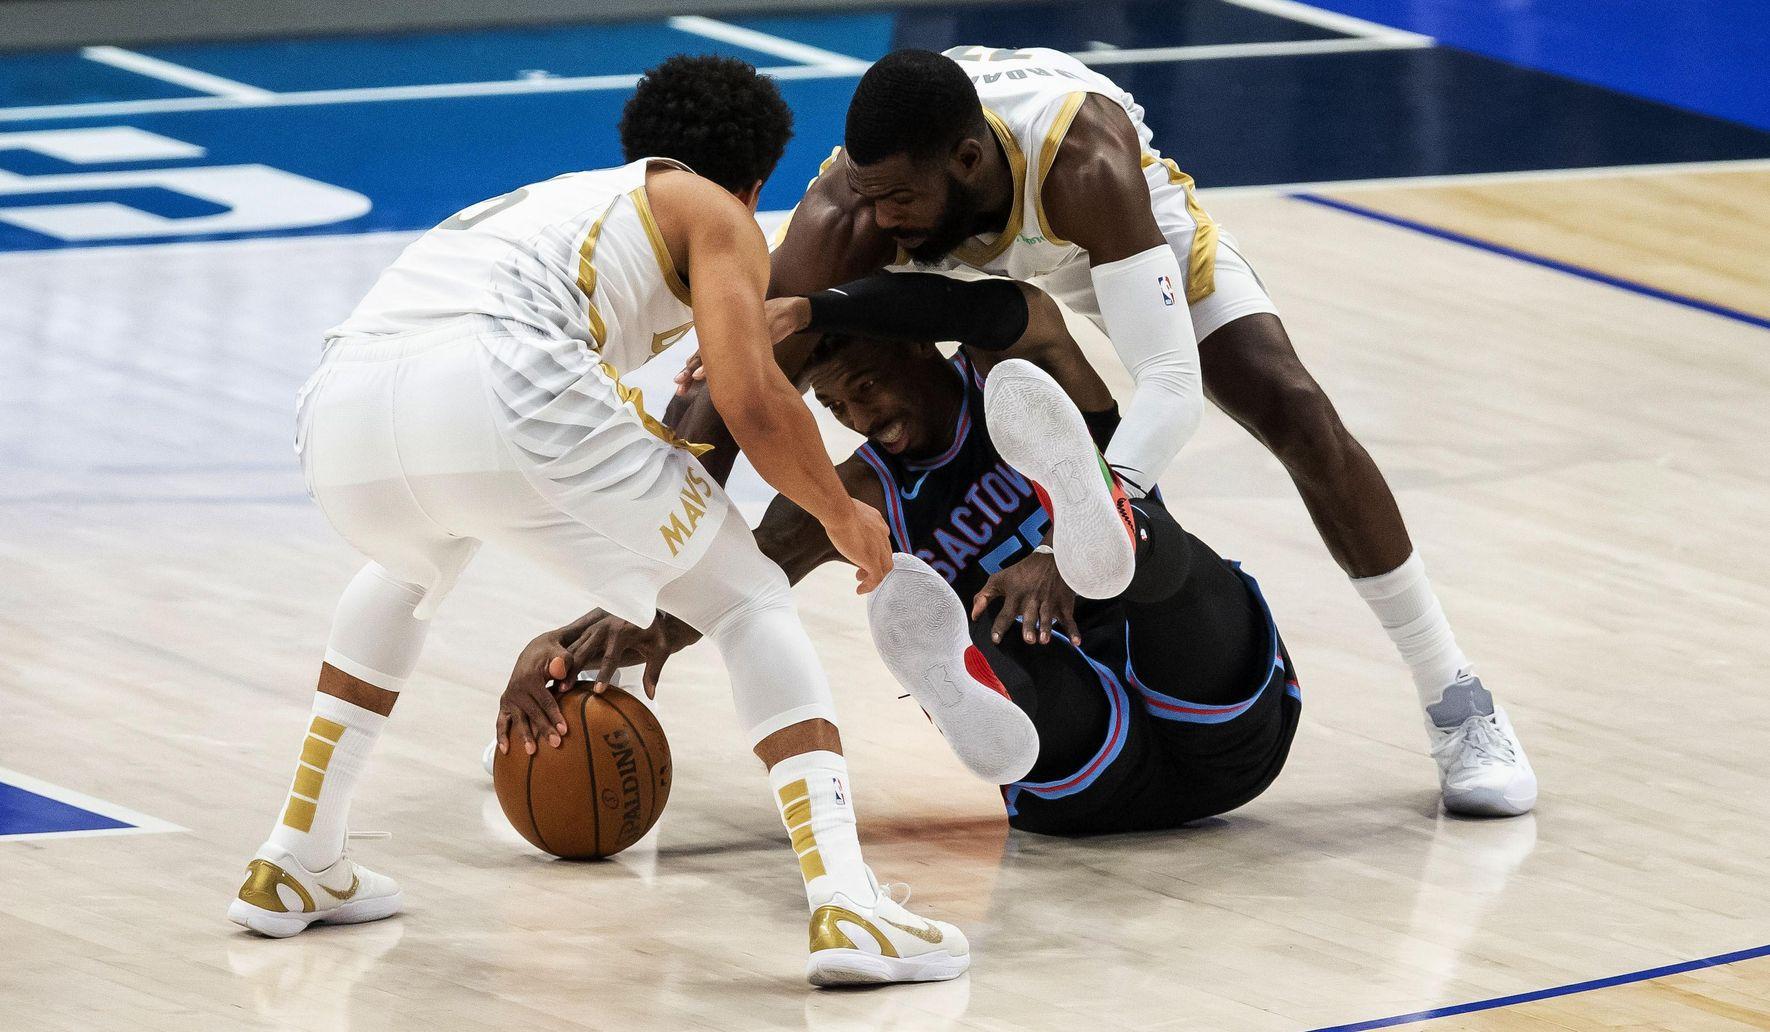 Kings_mavericks_basketball_47690_c0-13-3213-1886_s1770x1032